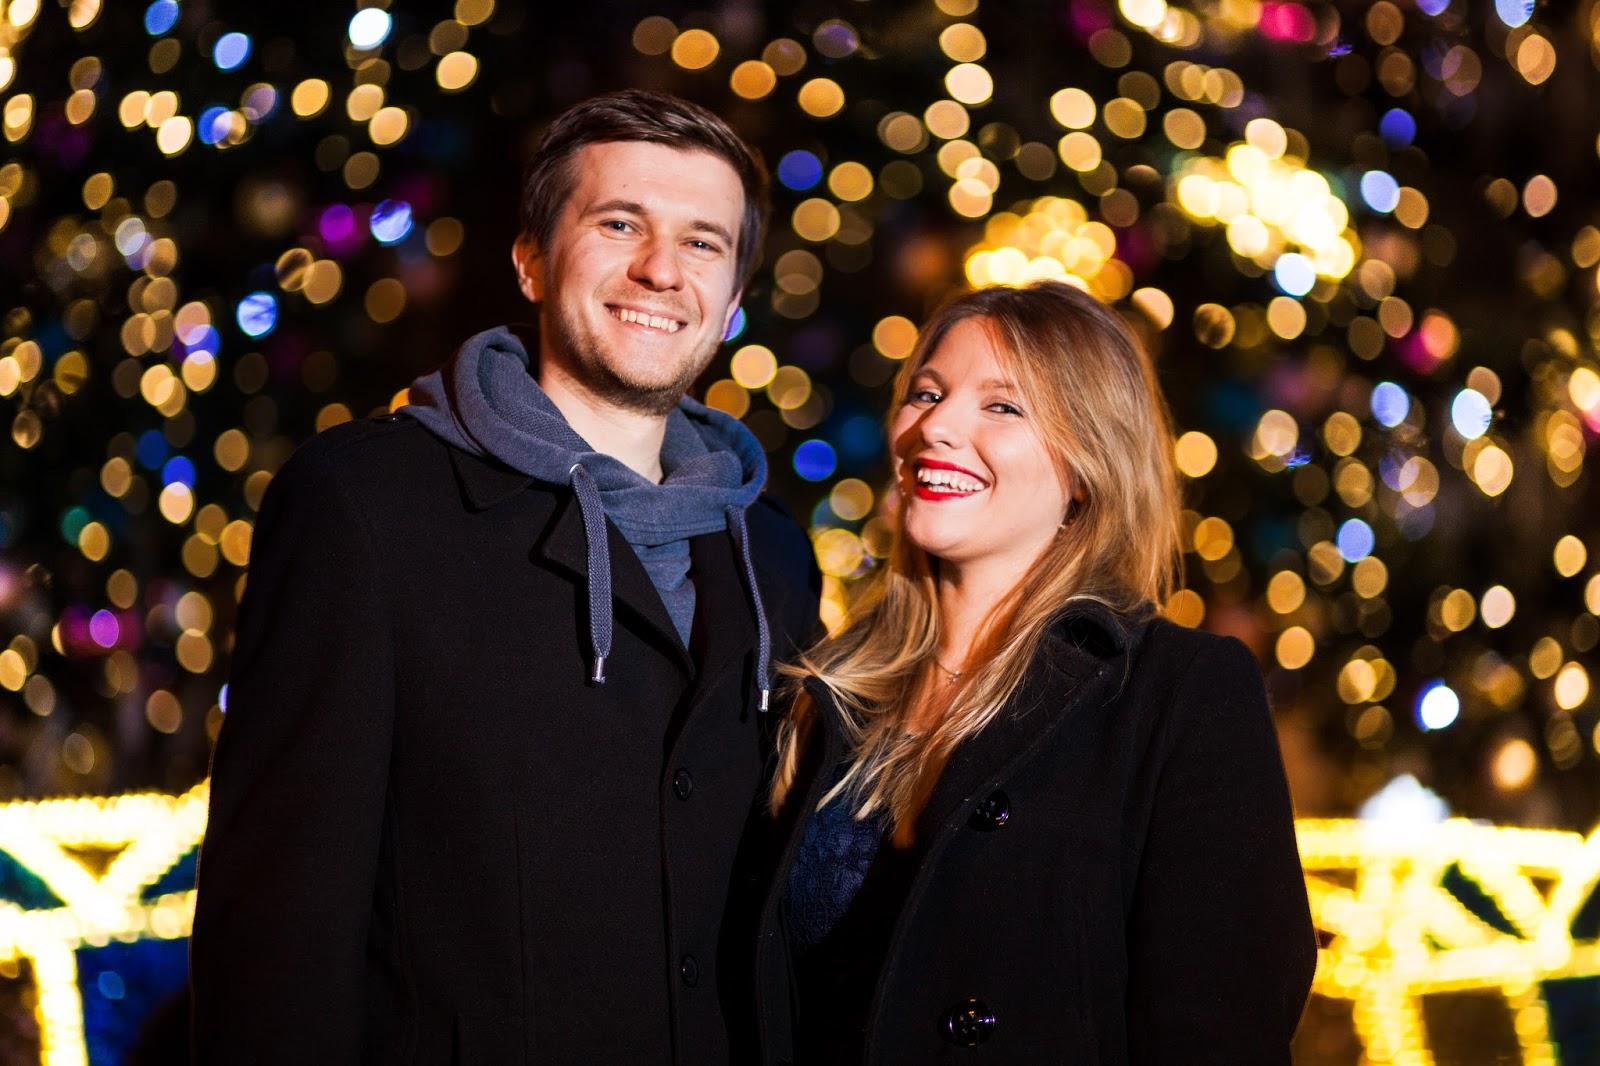 2 jakub0107 fotograf fotografia świąteczne sesje zdjęciowe melodylaniella zima christmas photography blog lifestyle